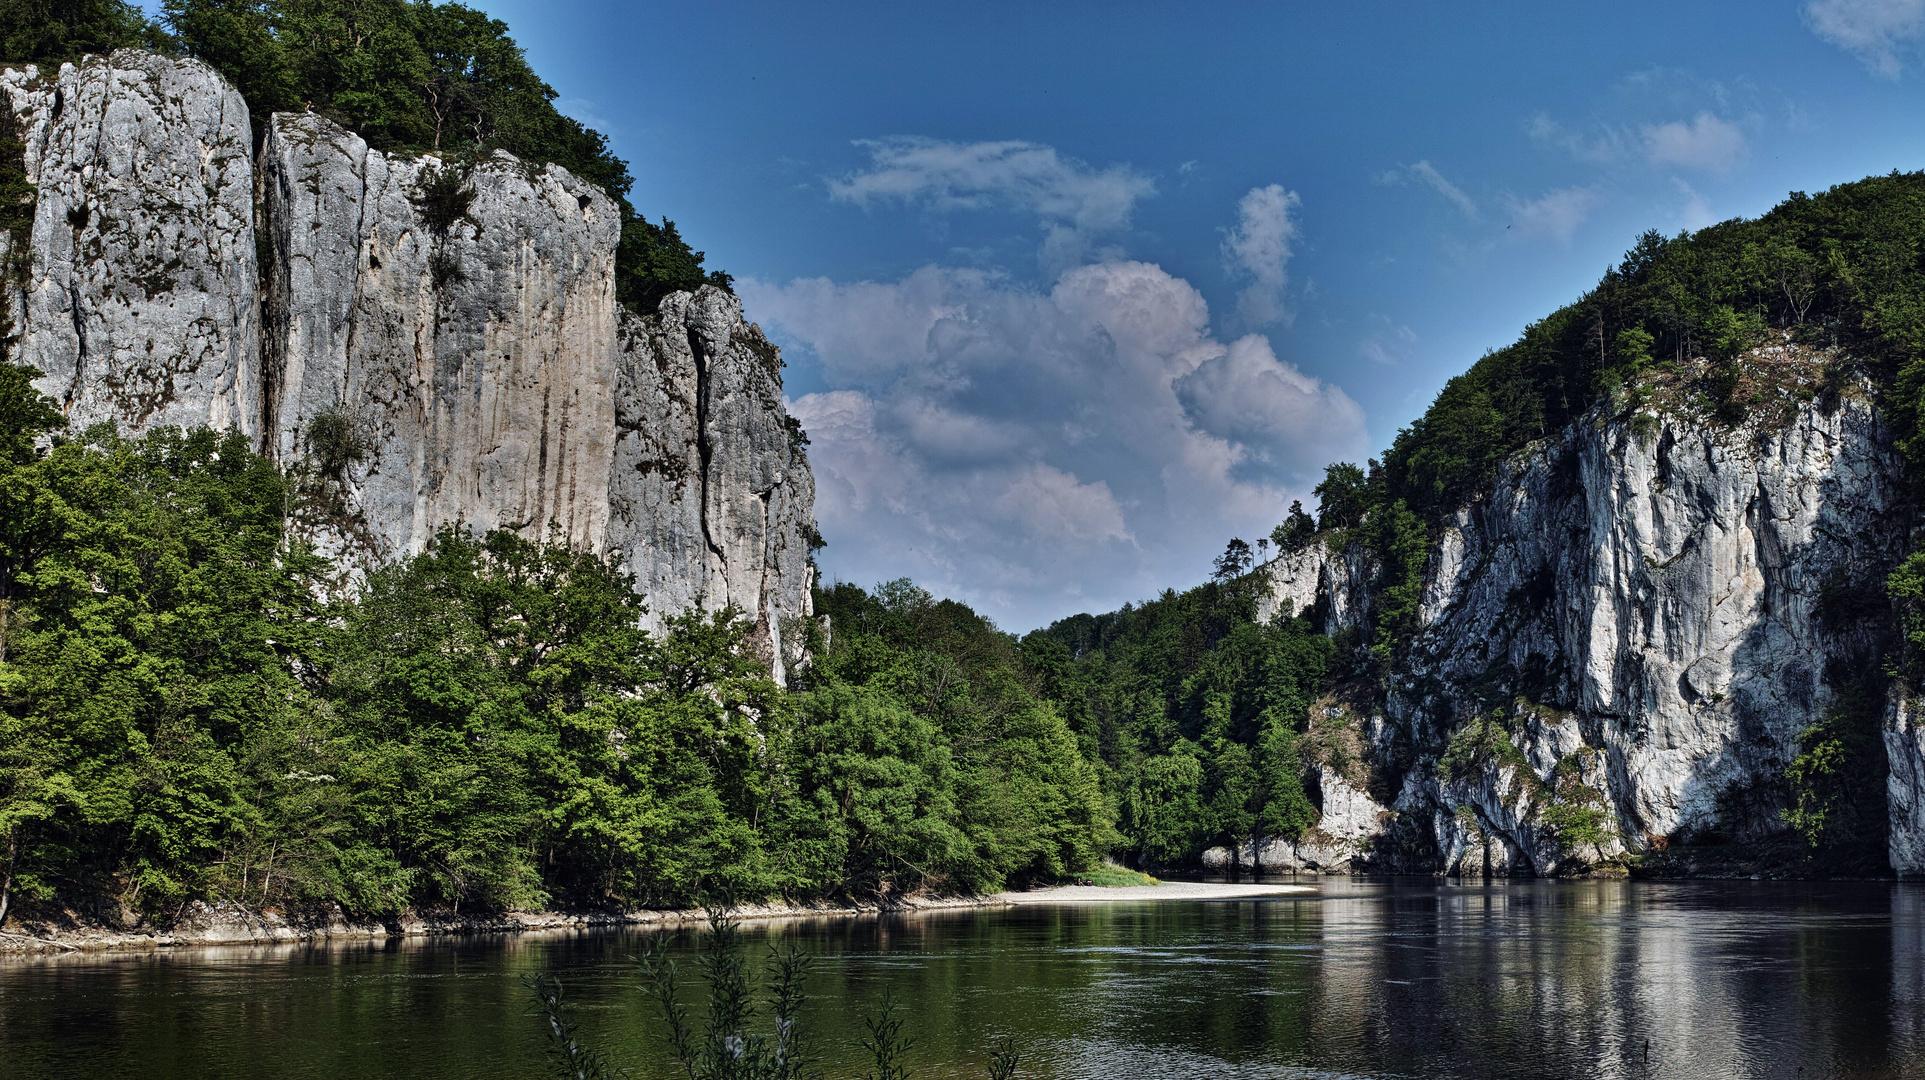 Donauimpression/Weltenburger Enge